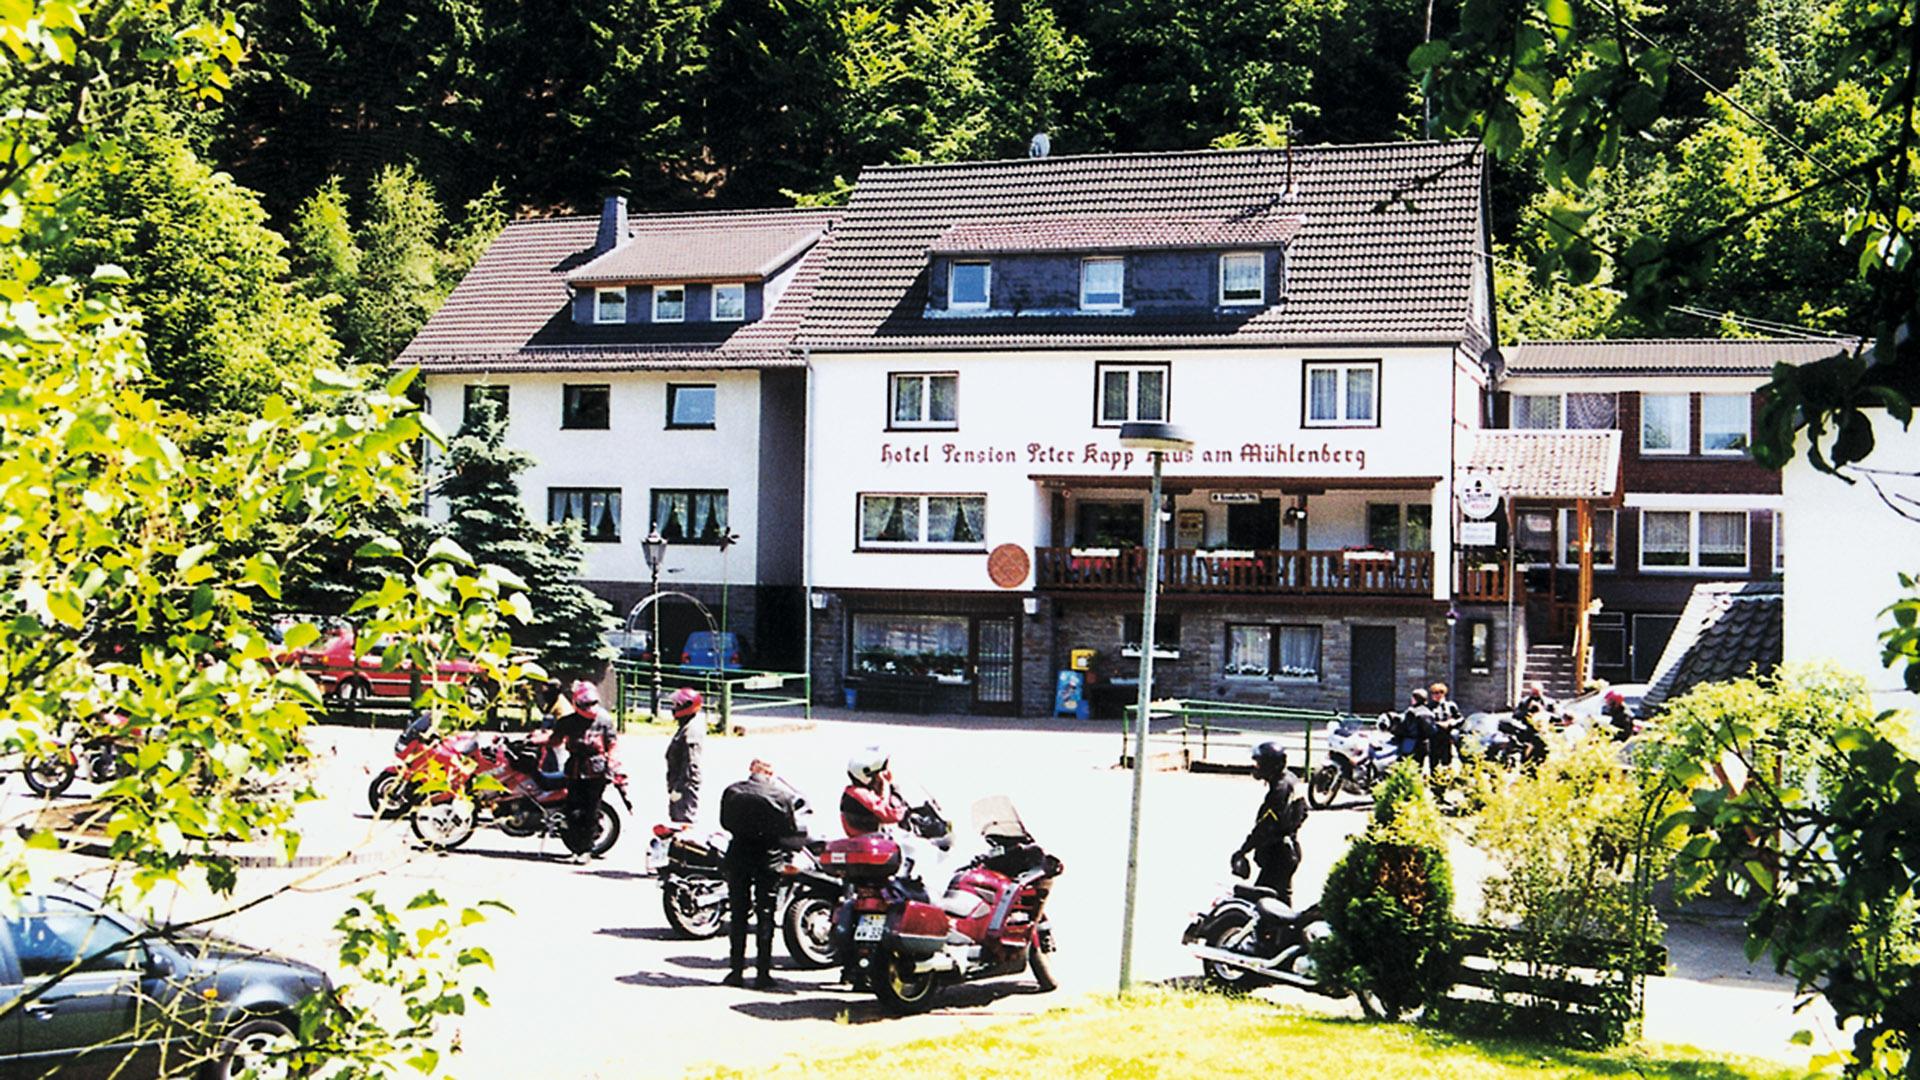 tourenfahrer hotels hotel restaurant haus am m hlenberg bergisches land deutschland. Black Bedroom Furniture Sets. Home Design Ideas